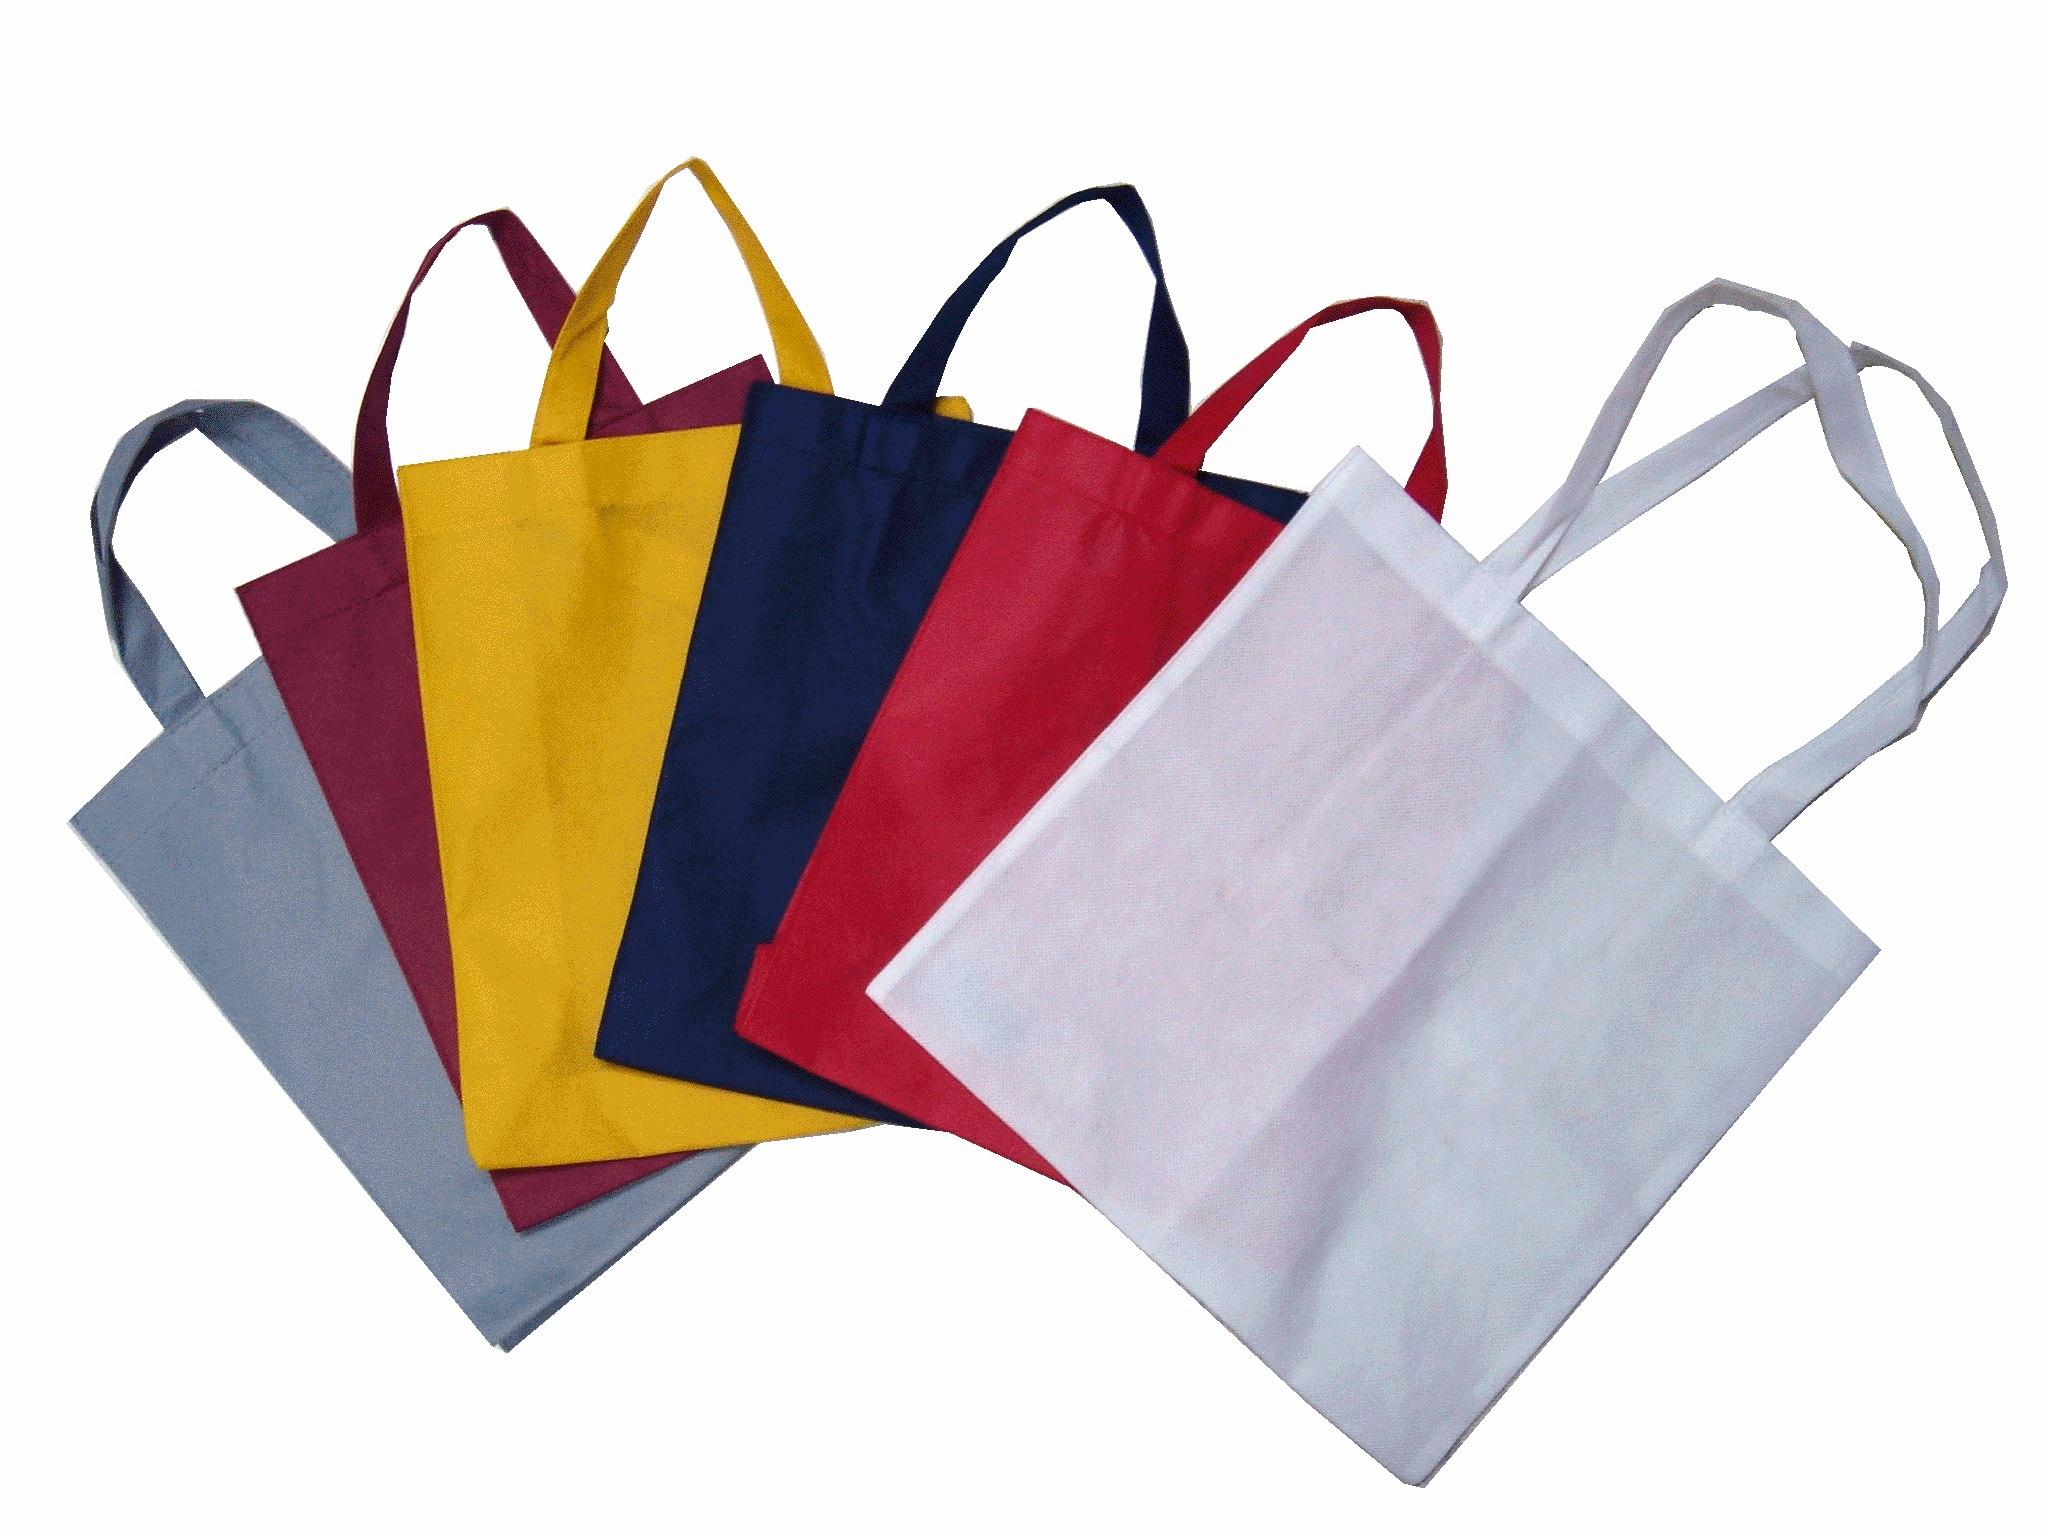 Cùng chung tay sử dụng túi vải không dệt bảo vệ môi trường